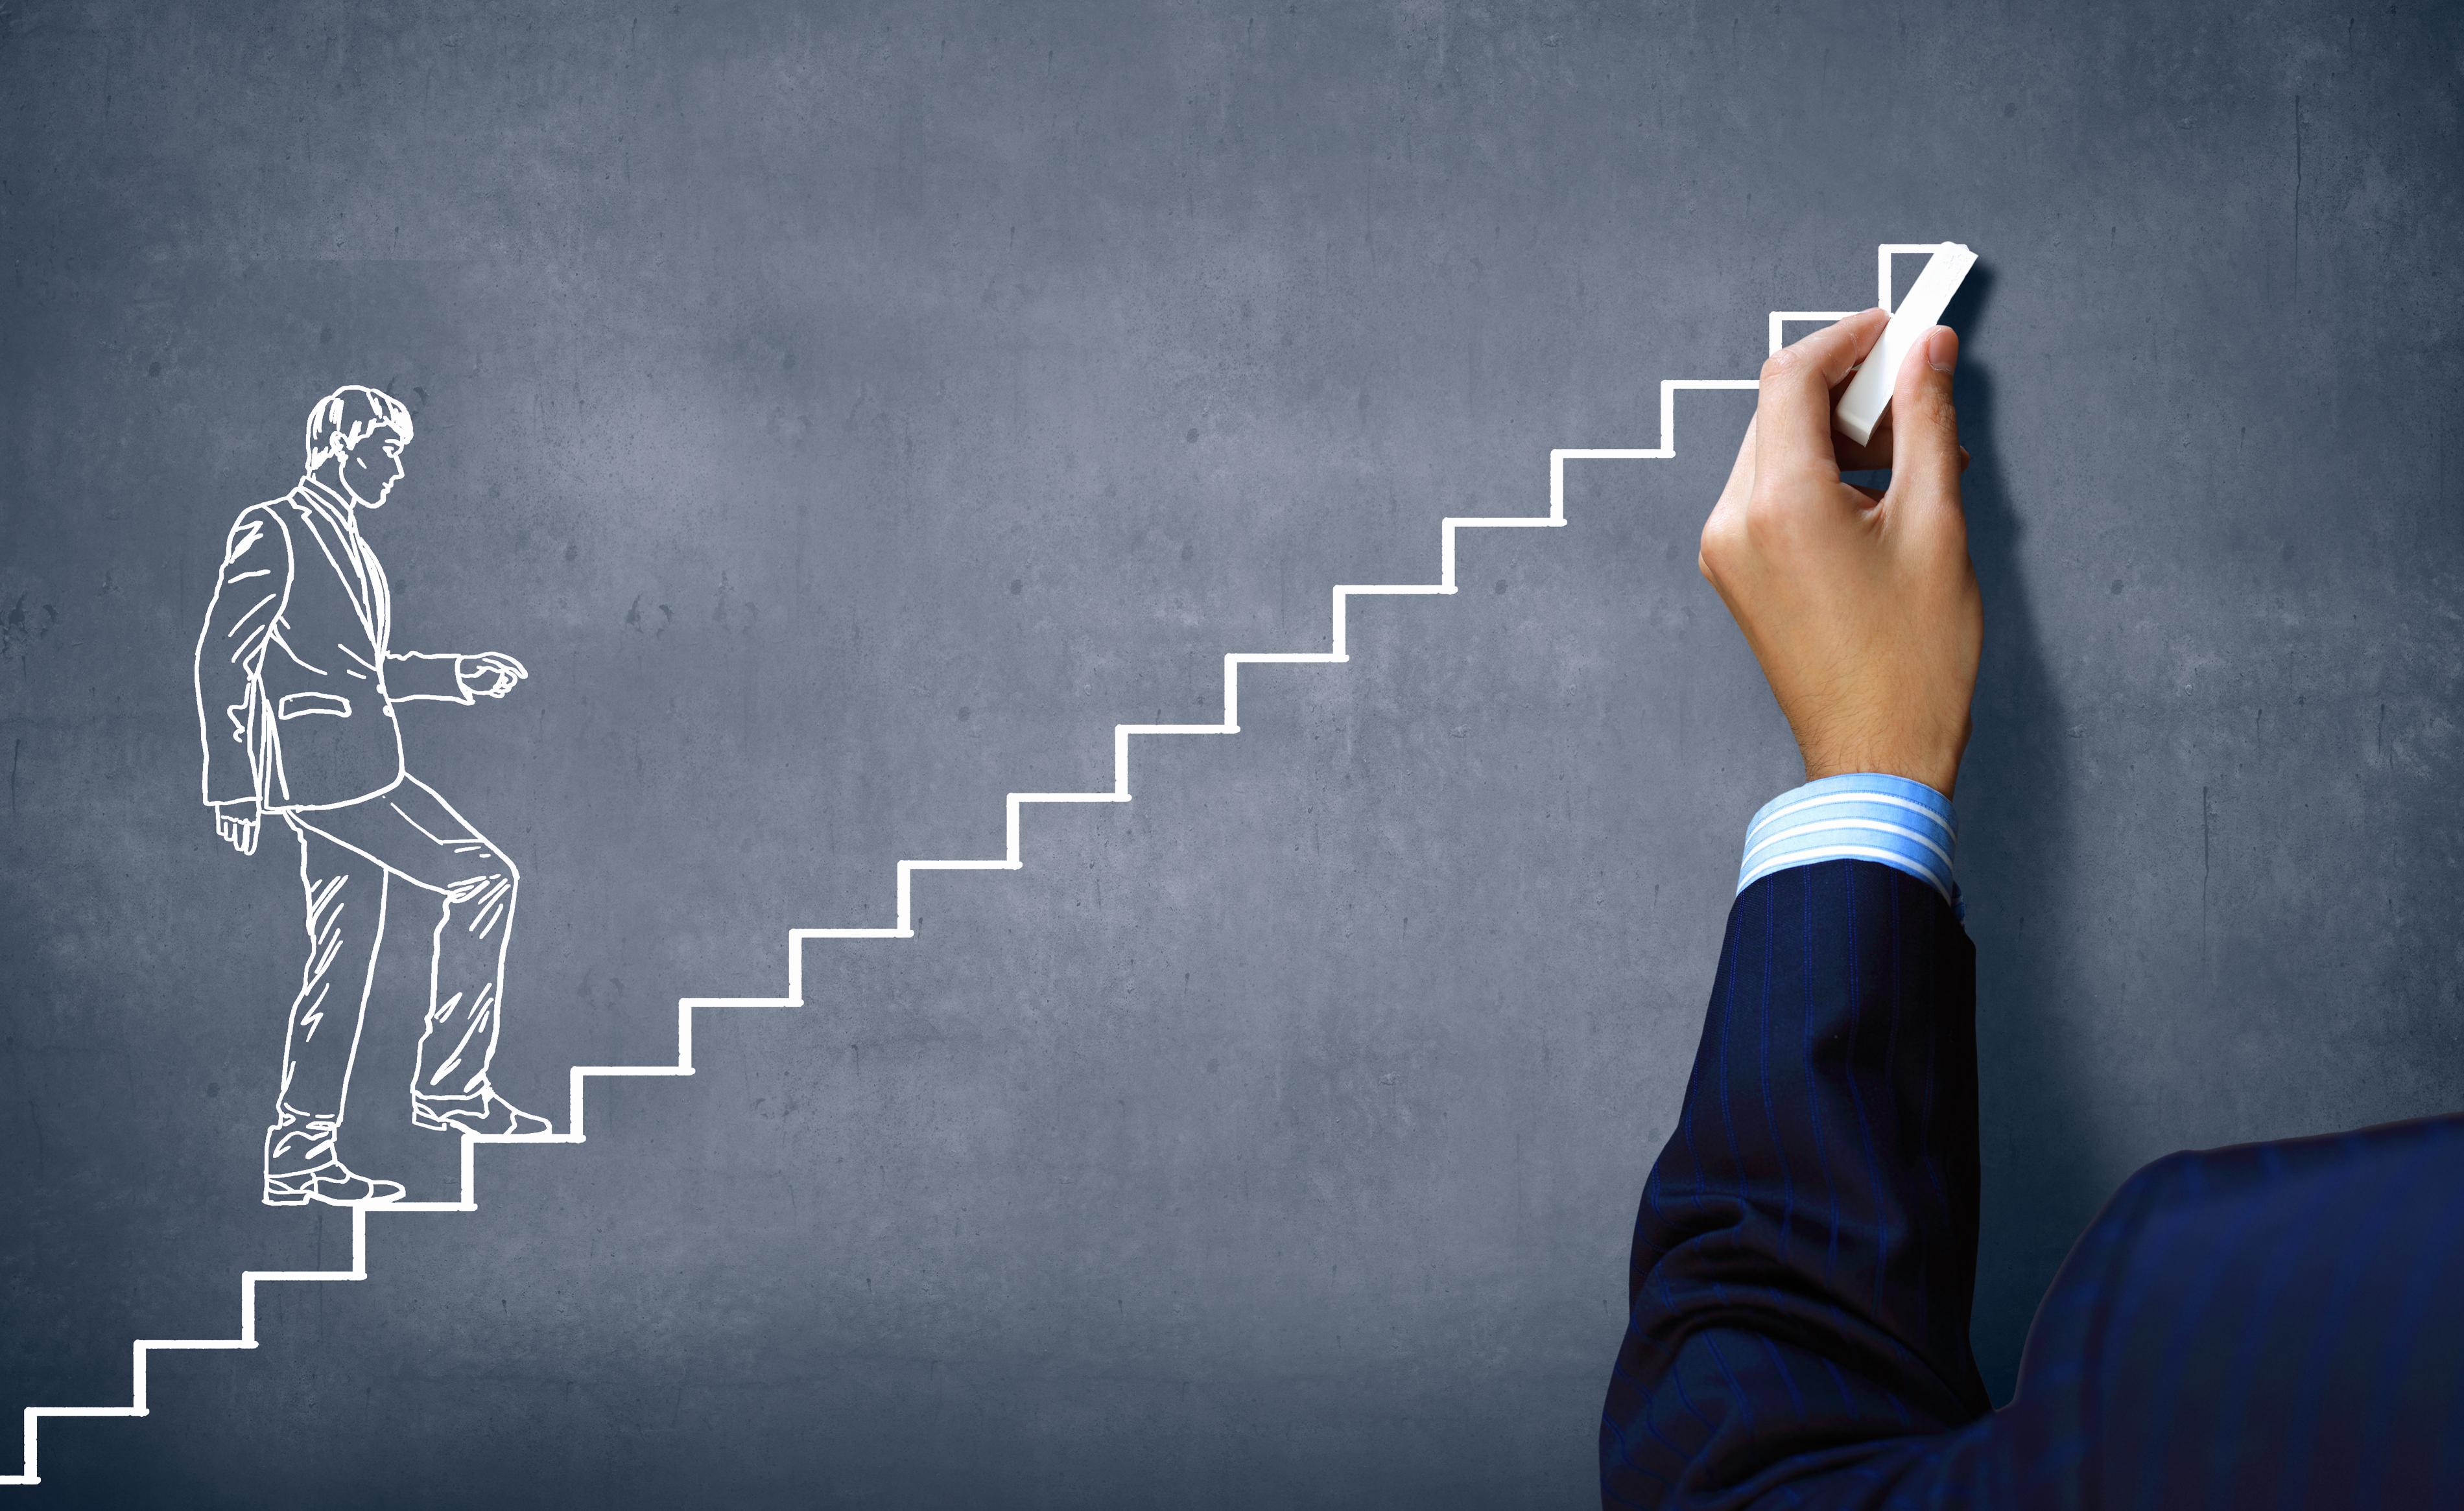 7 rzeczy, które możesz zrobić już teraz, aby osiągnąć sukces jakość życia mediarun com sukces